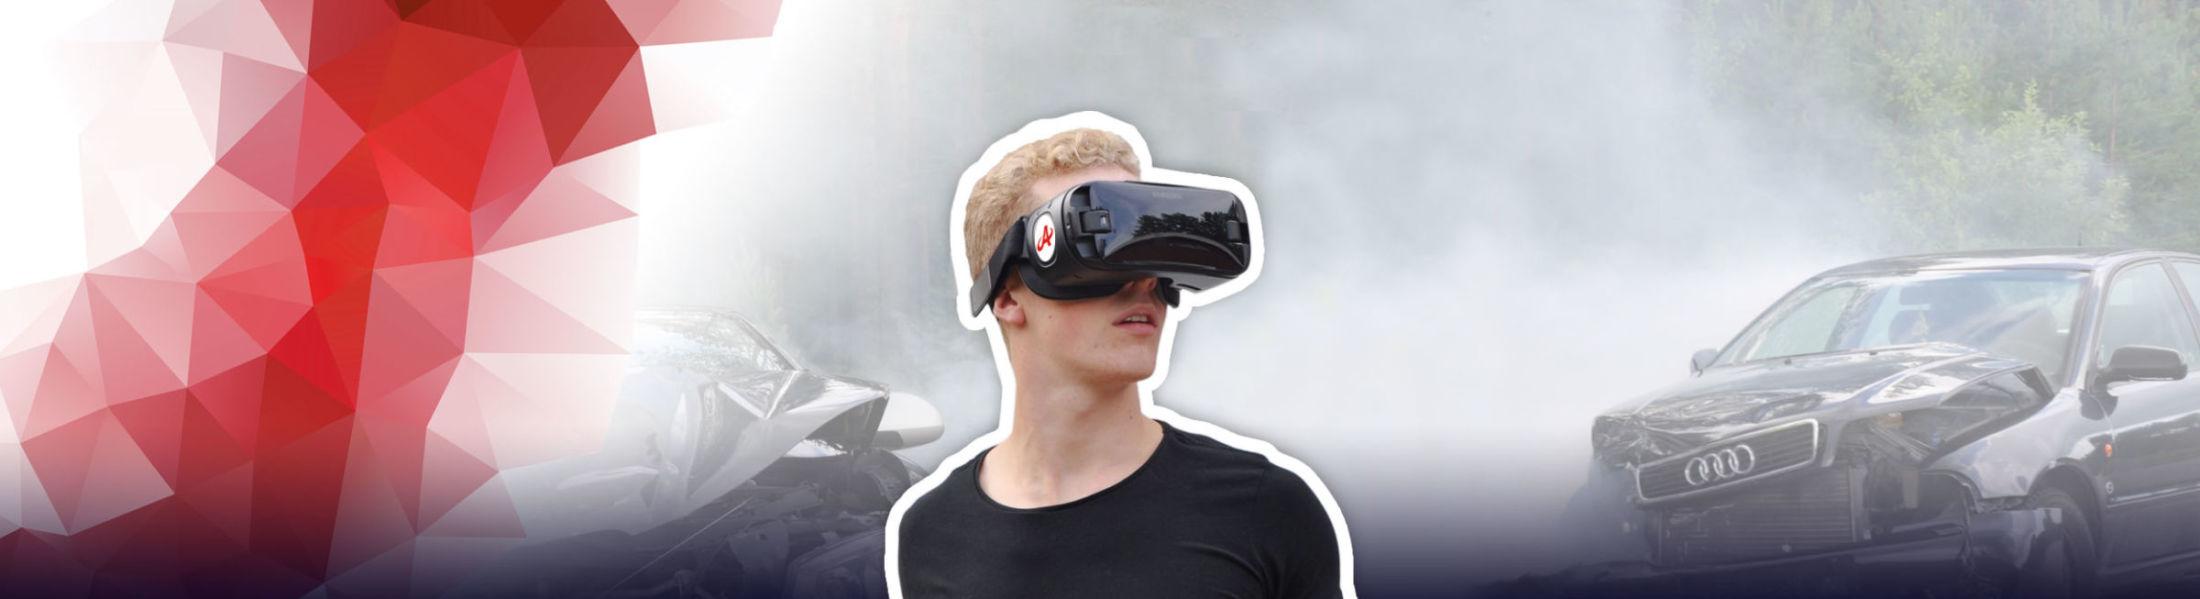 Ensimmäisenä Suomessa VR-teknologia mukana ensiapukoulutuksissa!